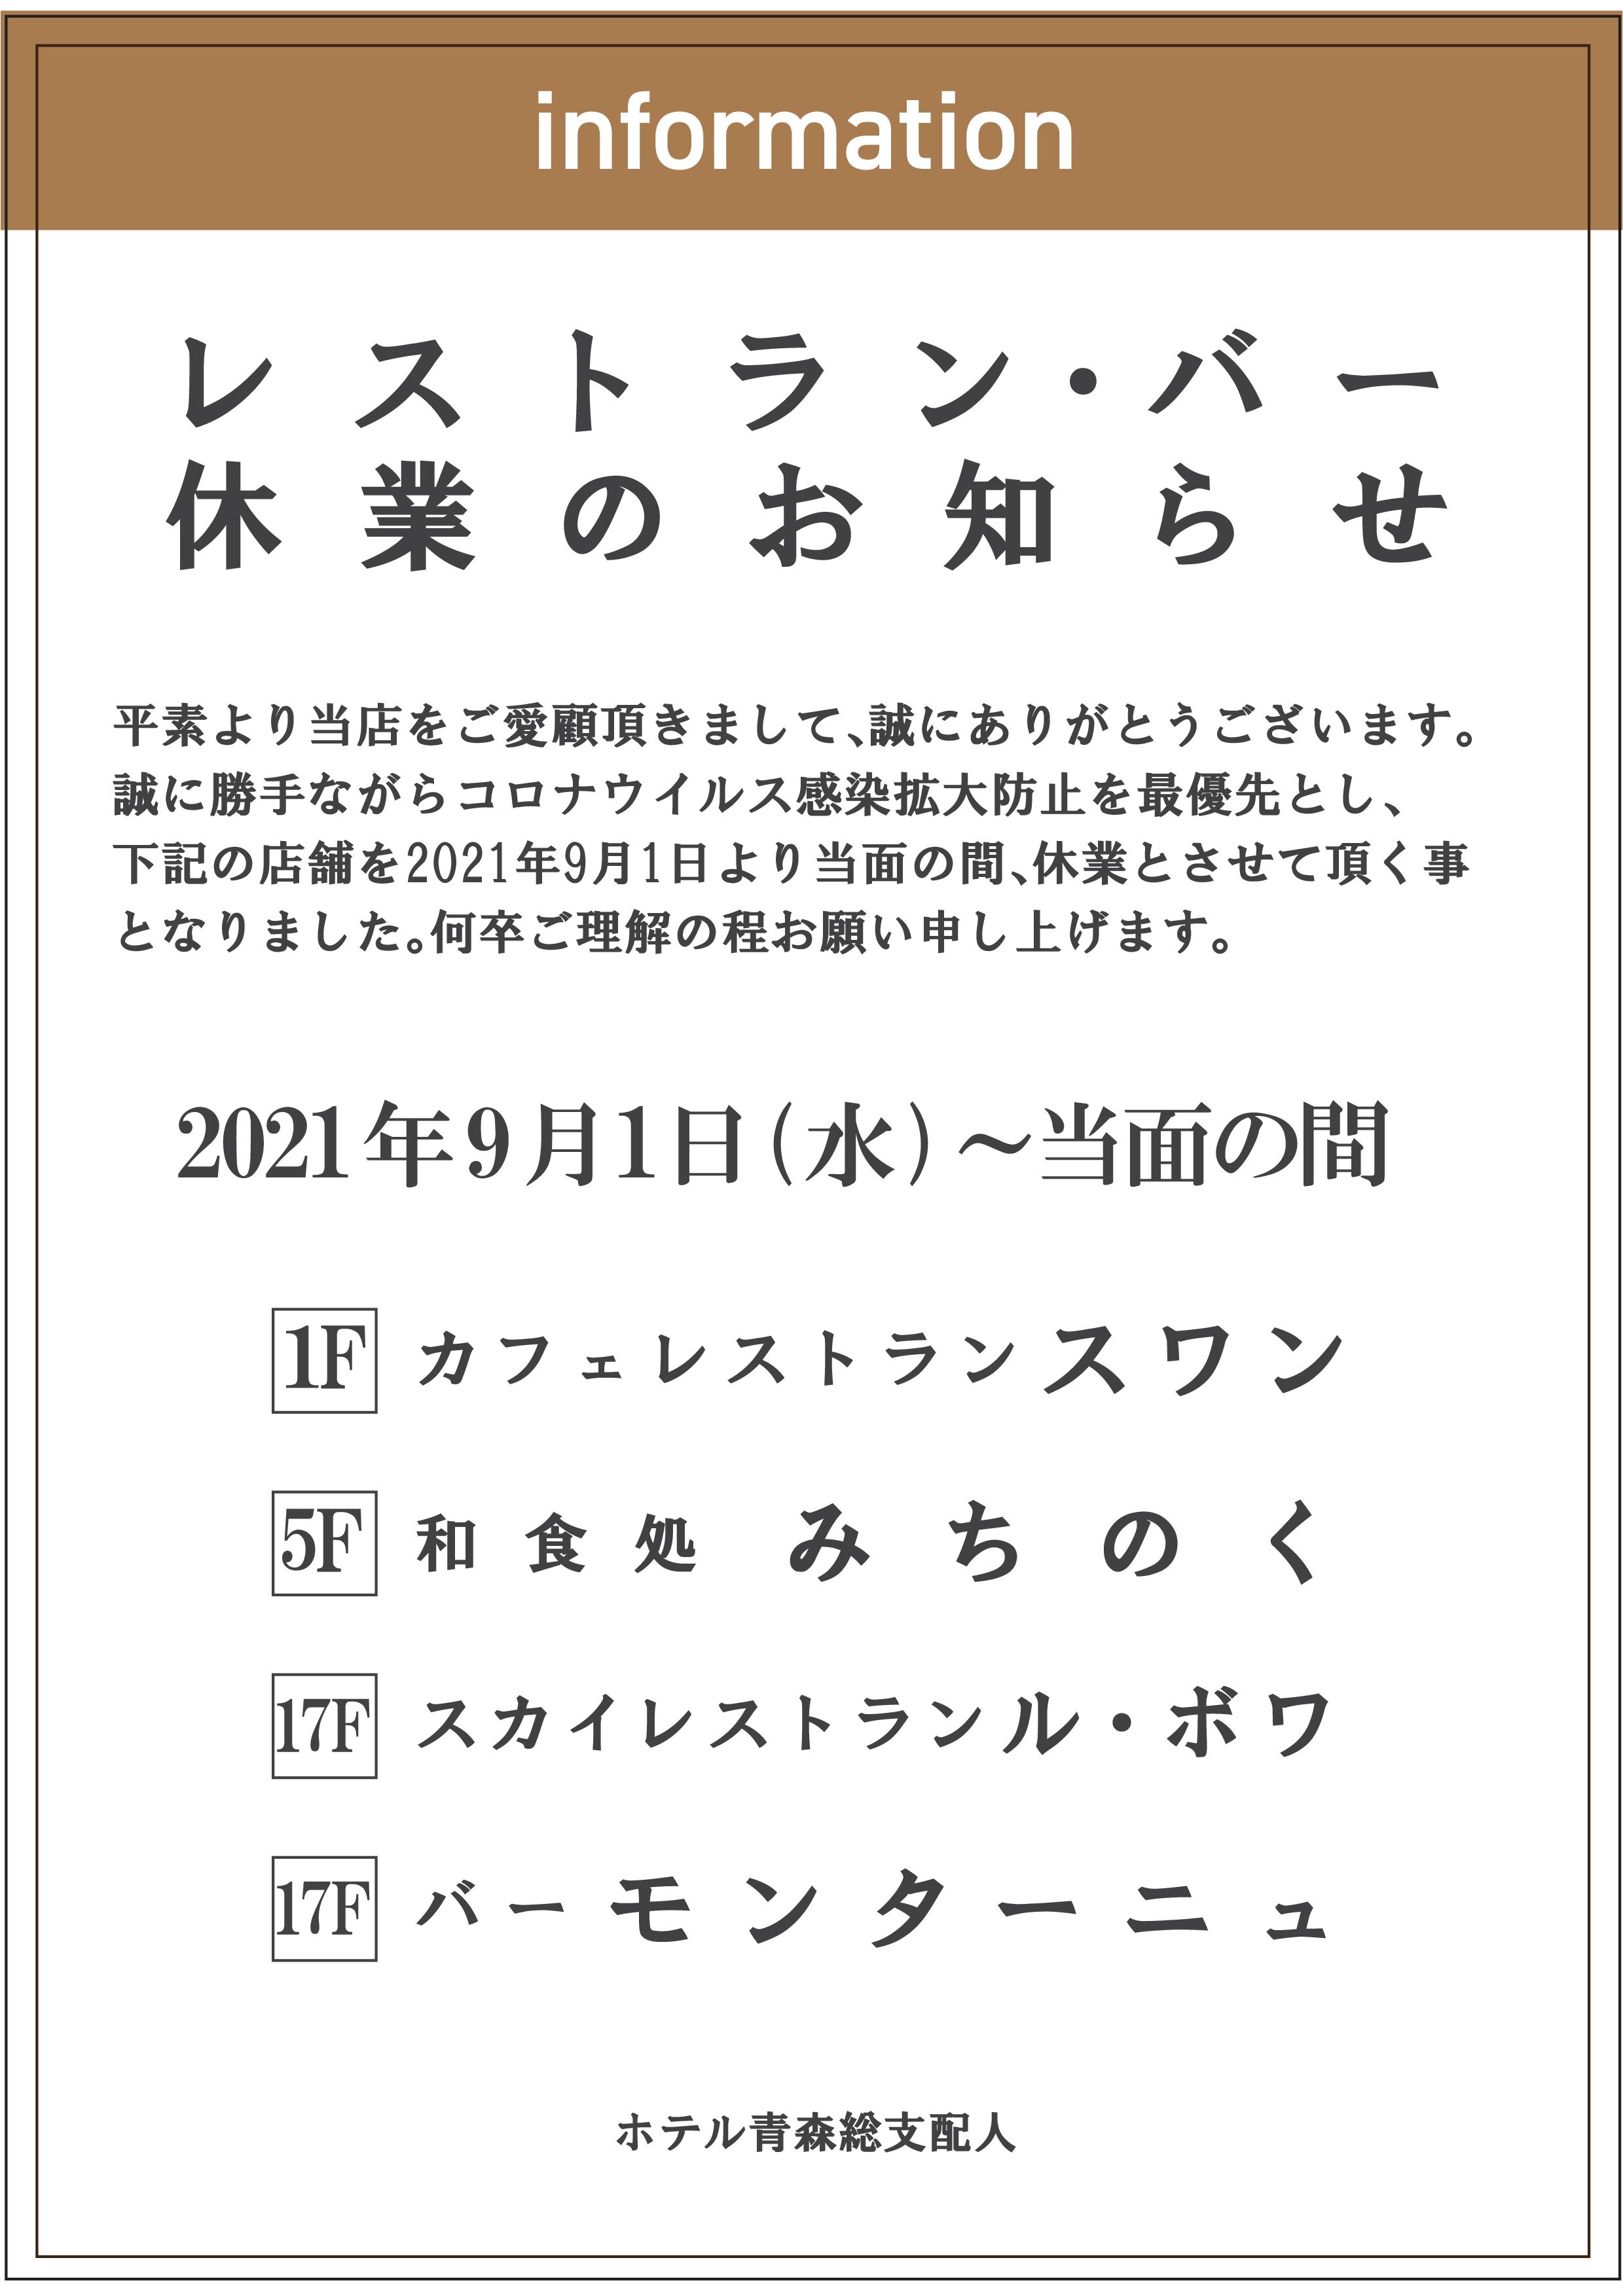 レストラン・バー休業のお知らせ